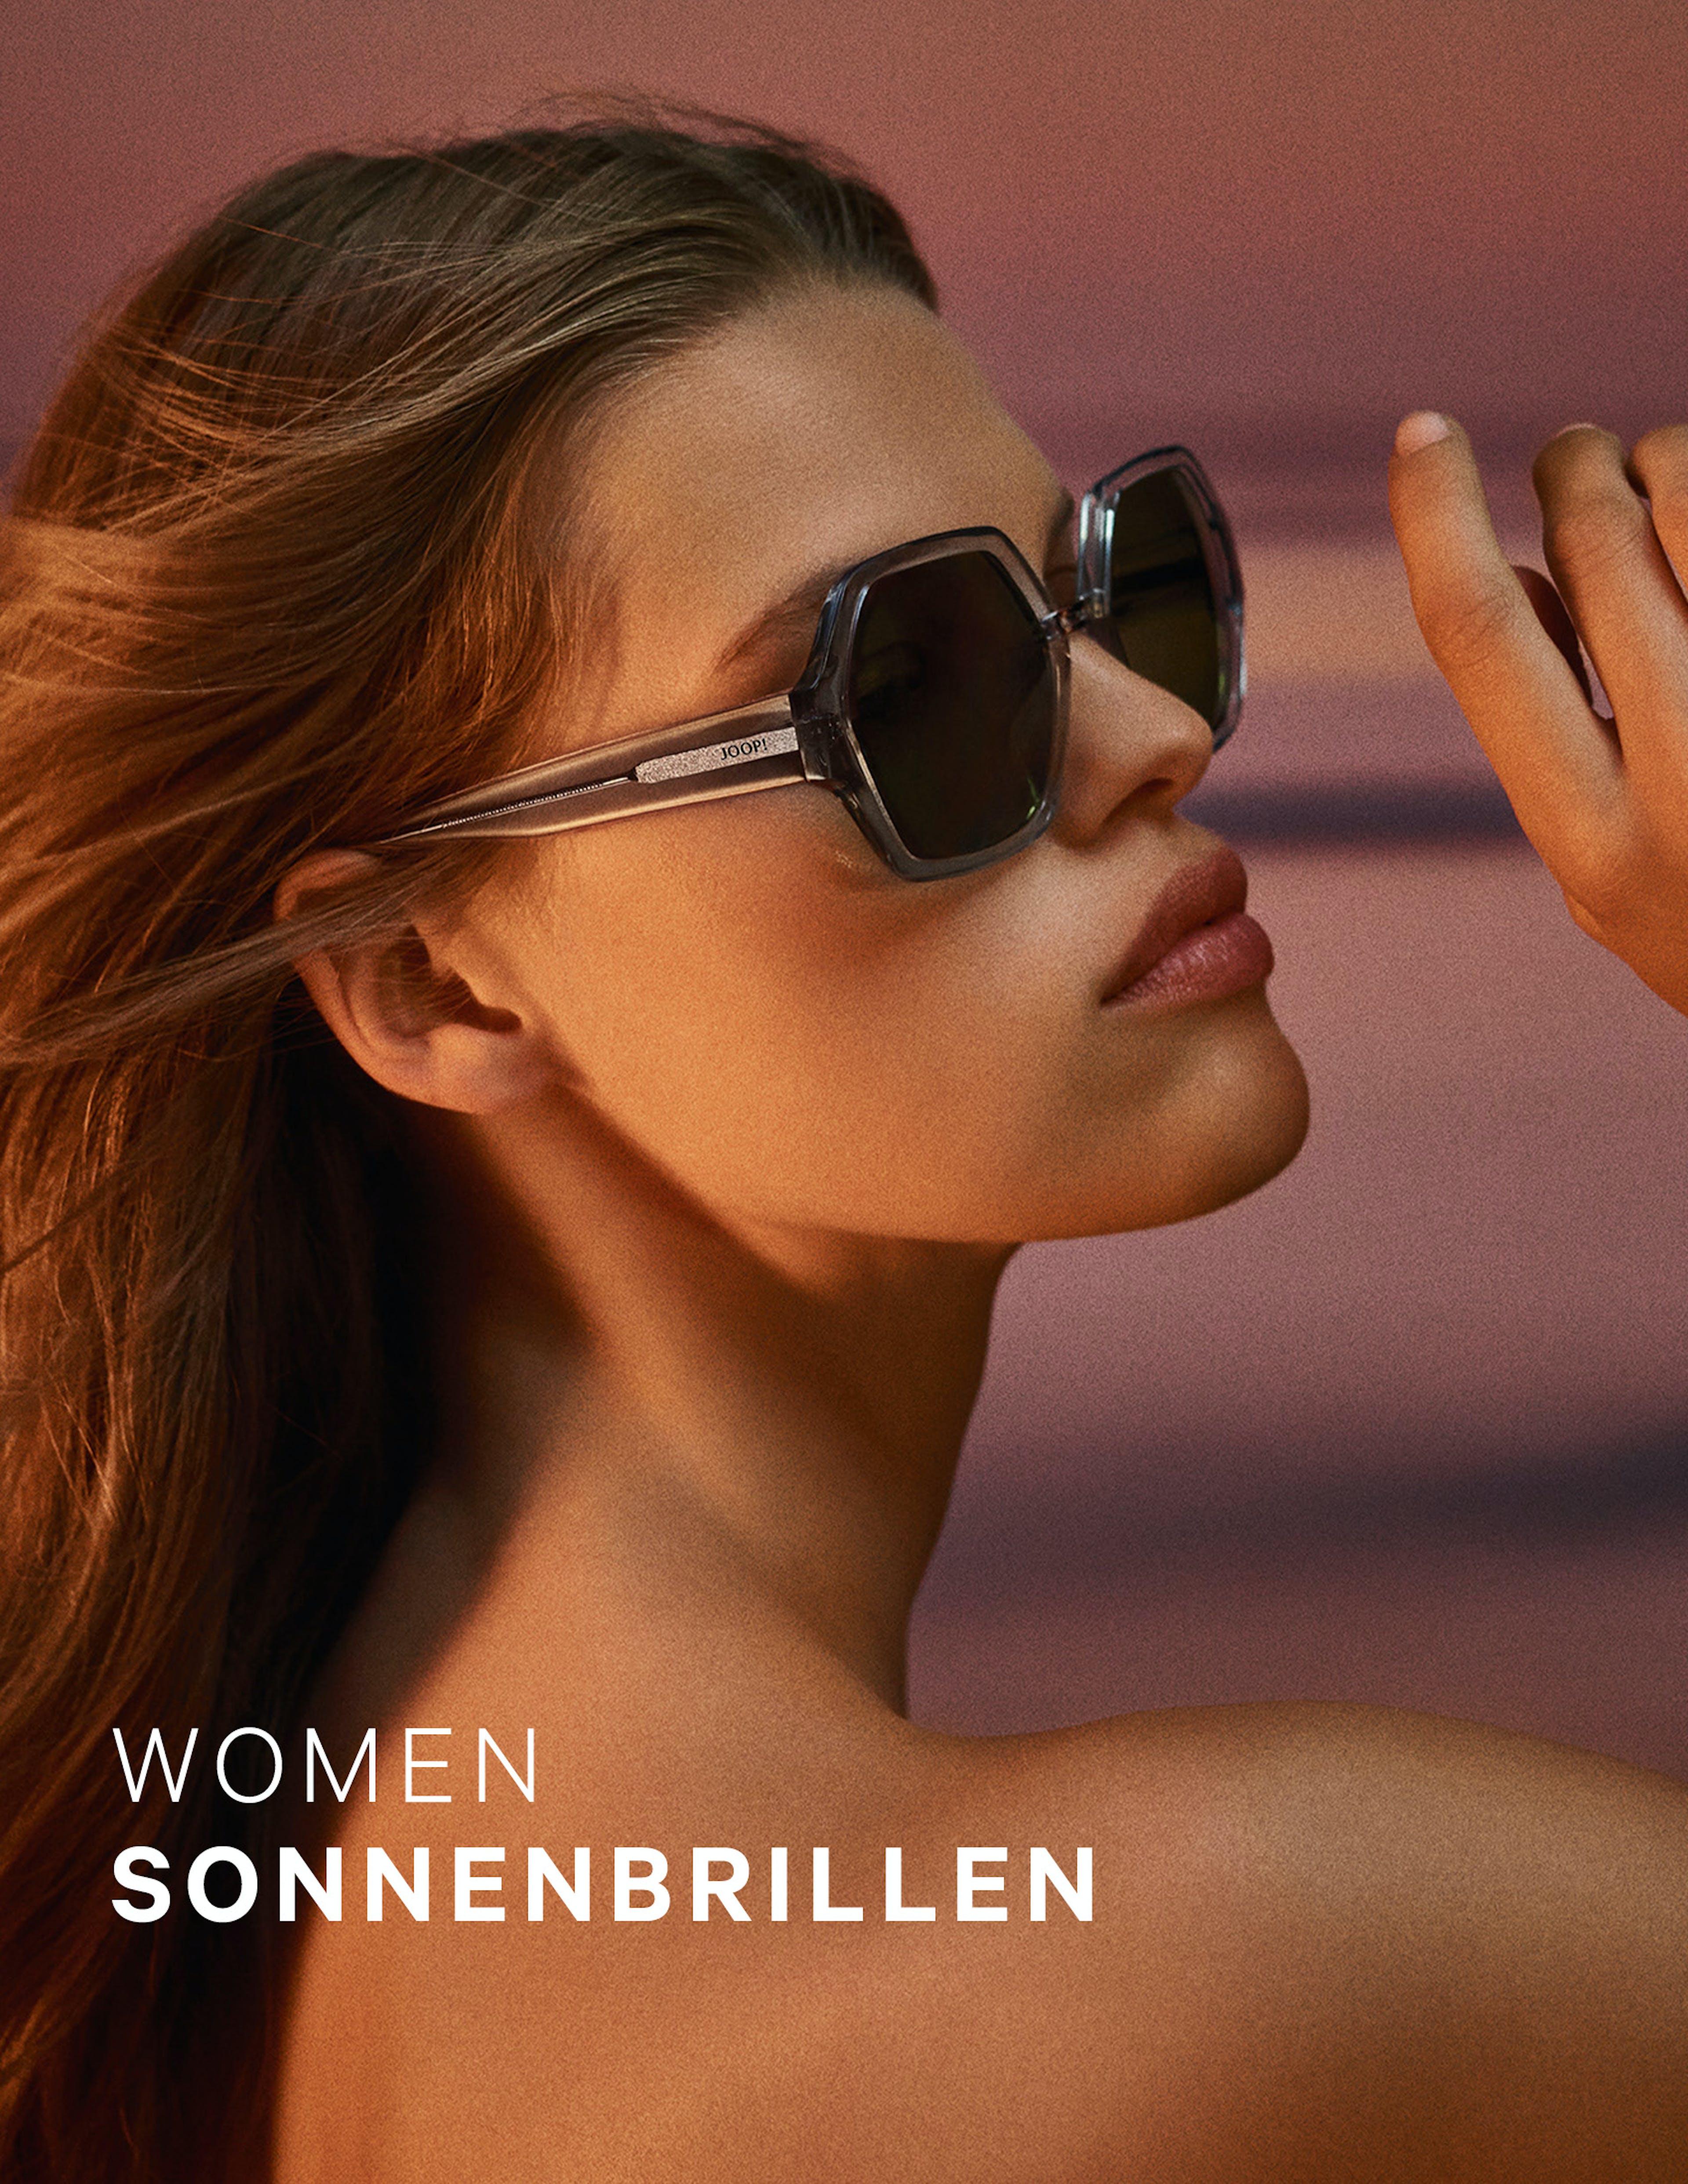 JOOP! Sonnenbrillen für Frauen